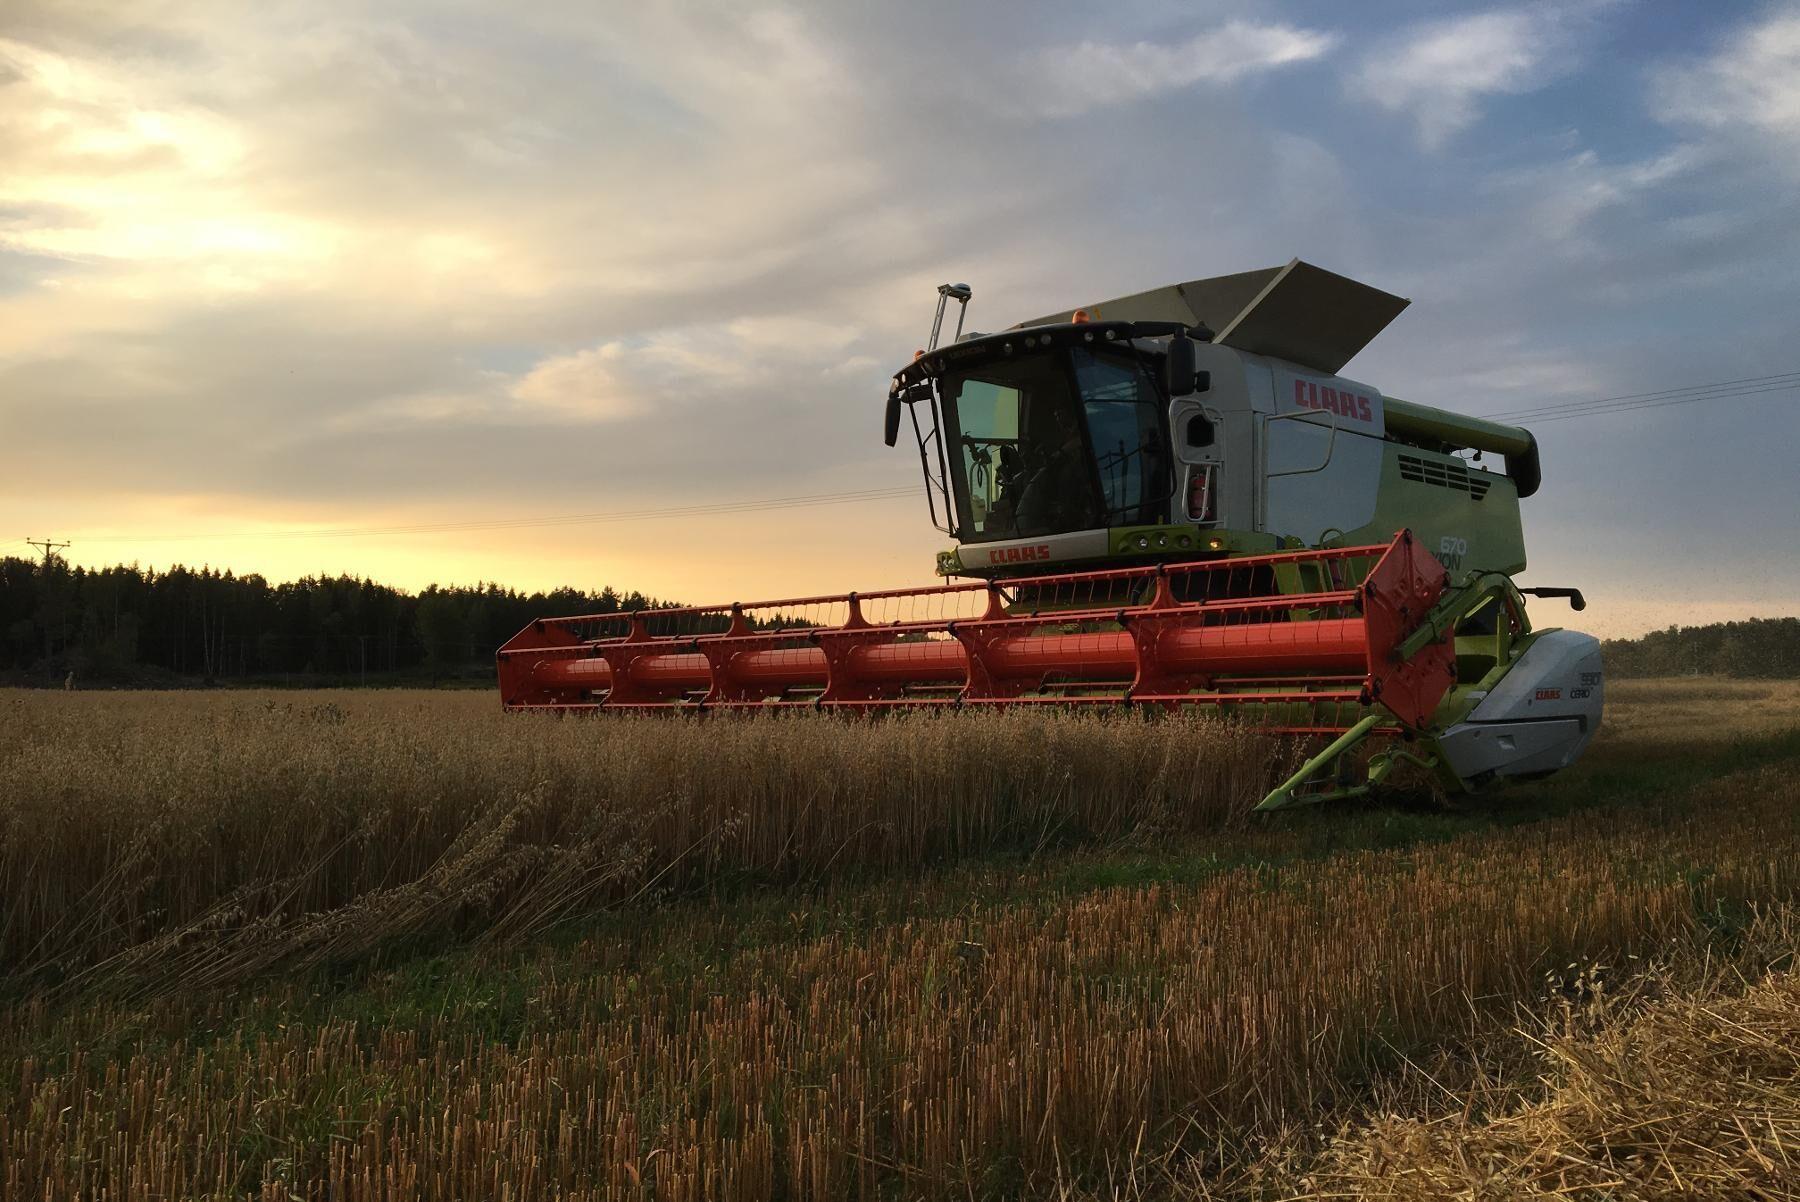 Det överlag pressade läget har medfört att vissa gårdar avbrutit omställningen till Kravproduktion.